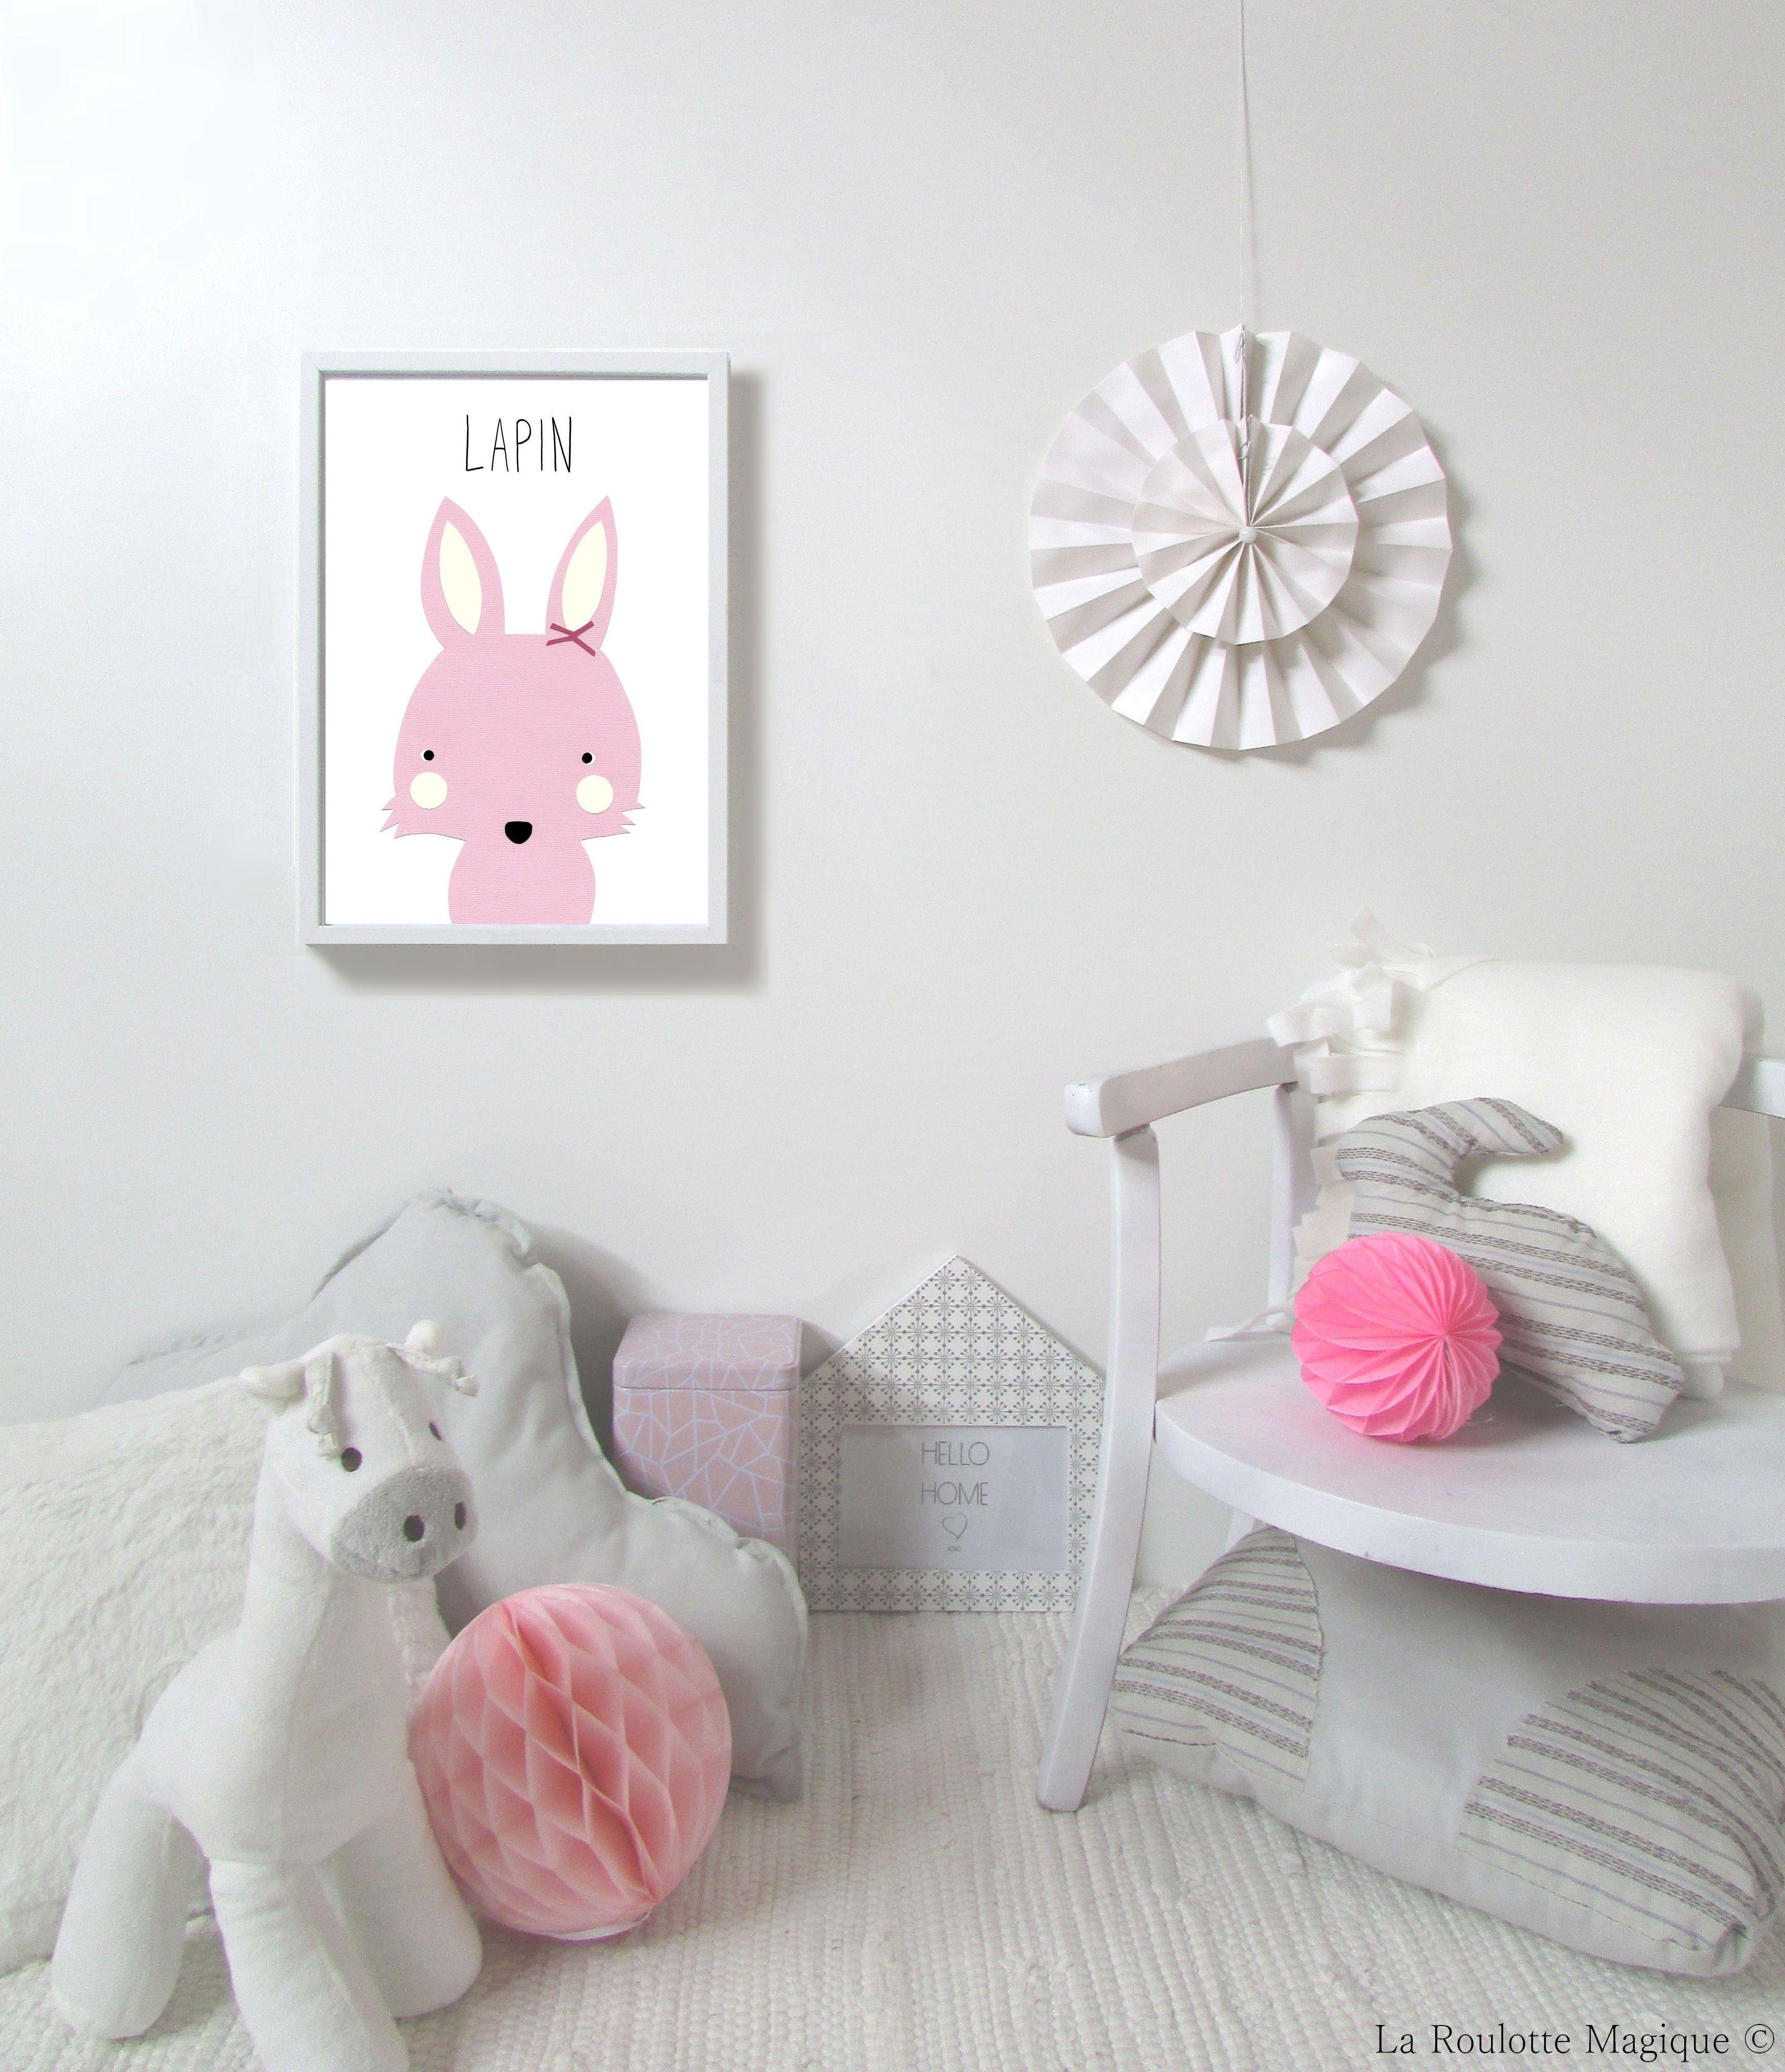 Affiche Lapin By La Roulotte Magique D Coration Pour Enfants